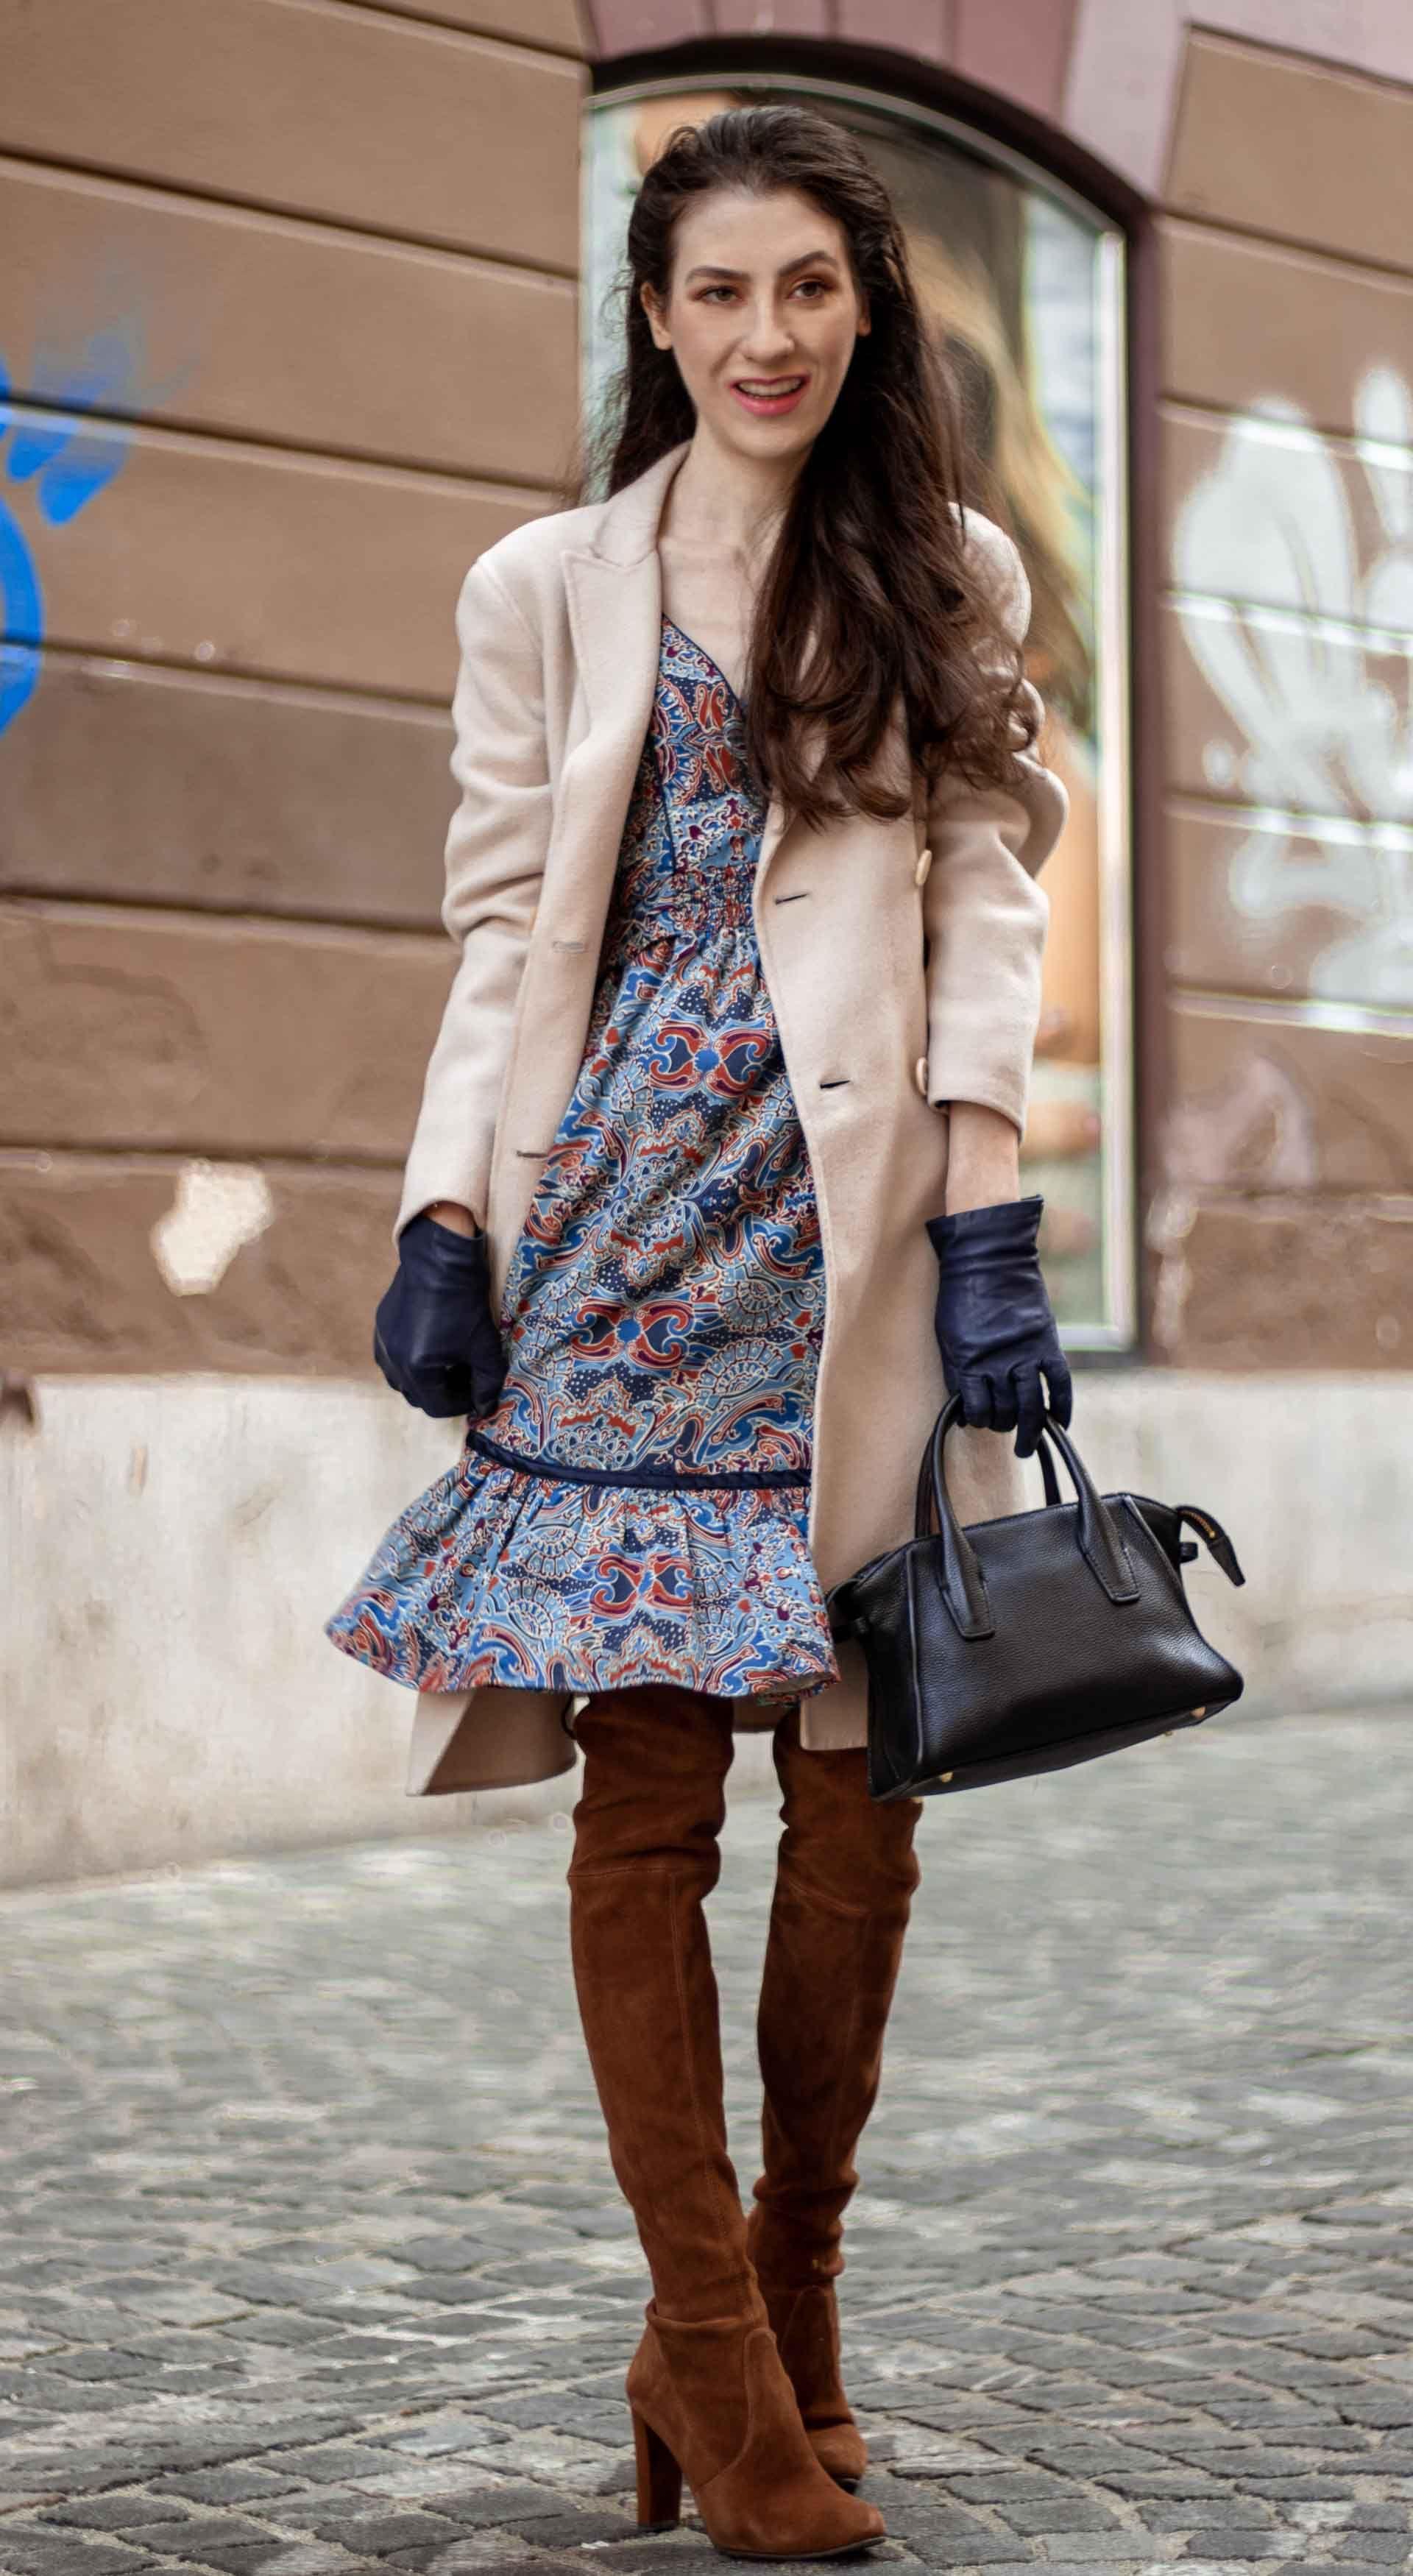 de411b4f5df Must follow fashion blogger Veronika Lipar of Brunette from Wall Street  dressed in blue boho dress